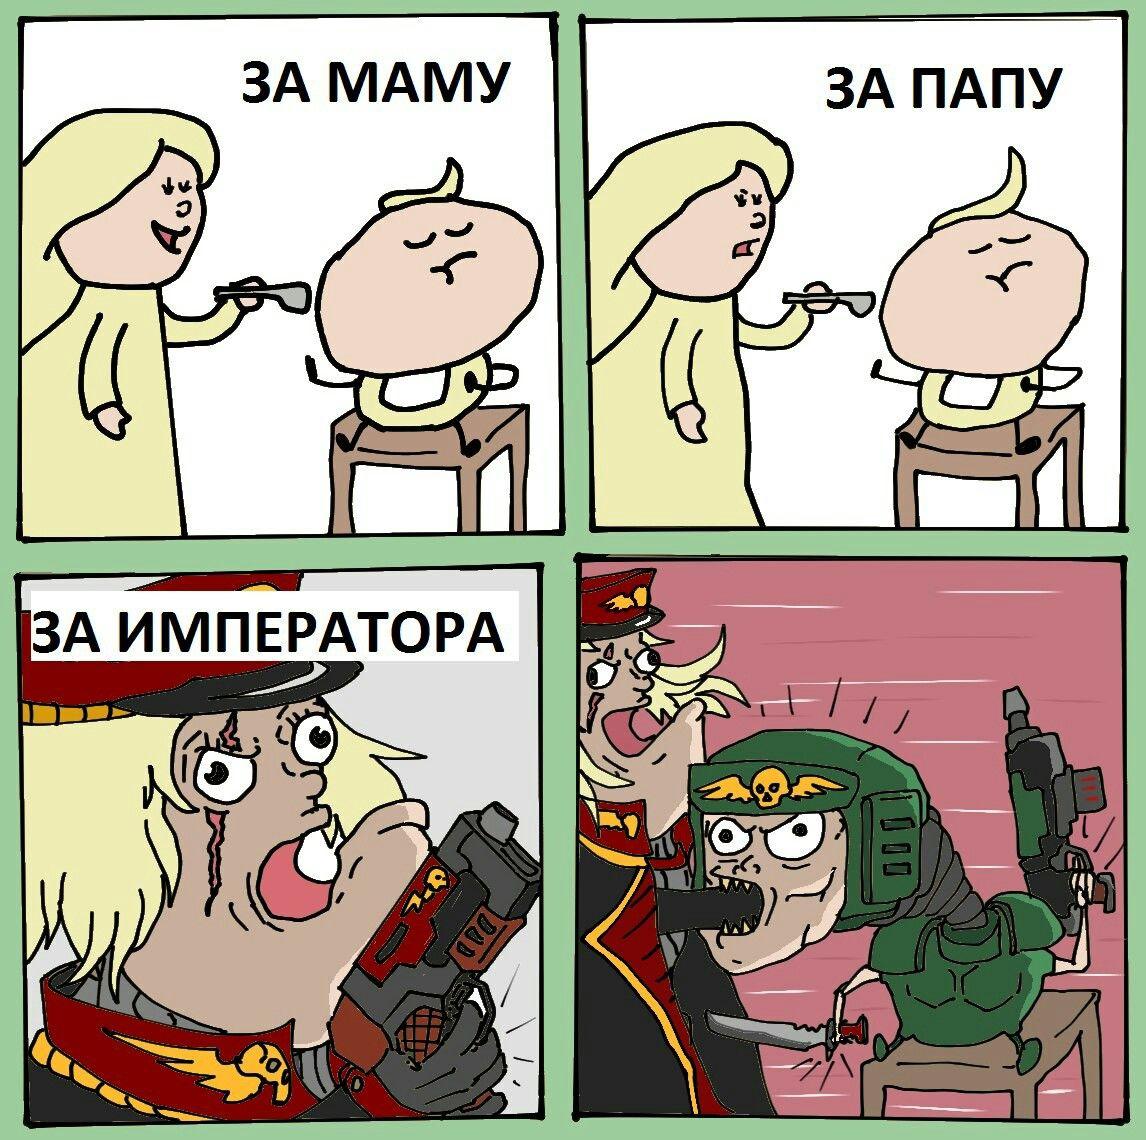 юмористические картинки про императора такая обычная, выглядит